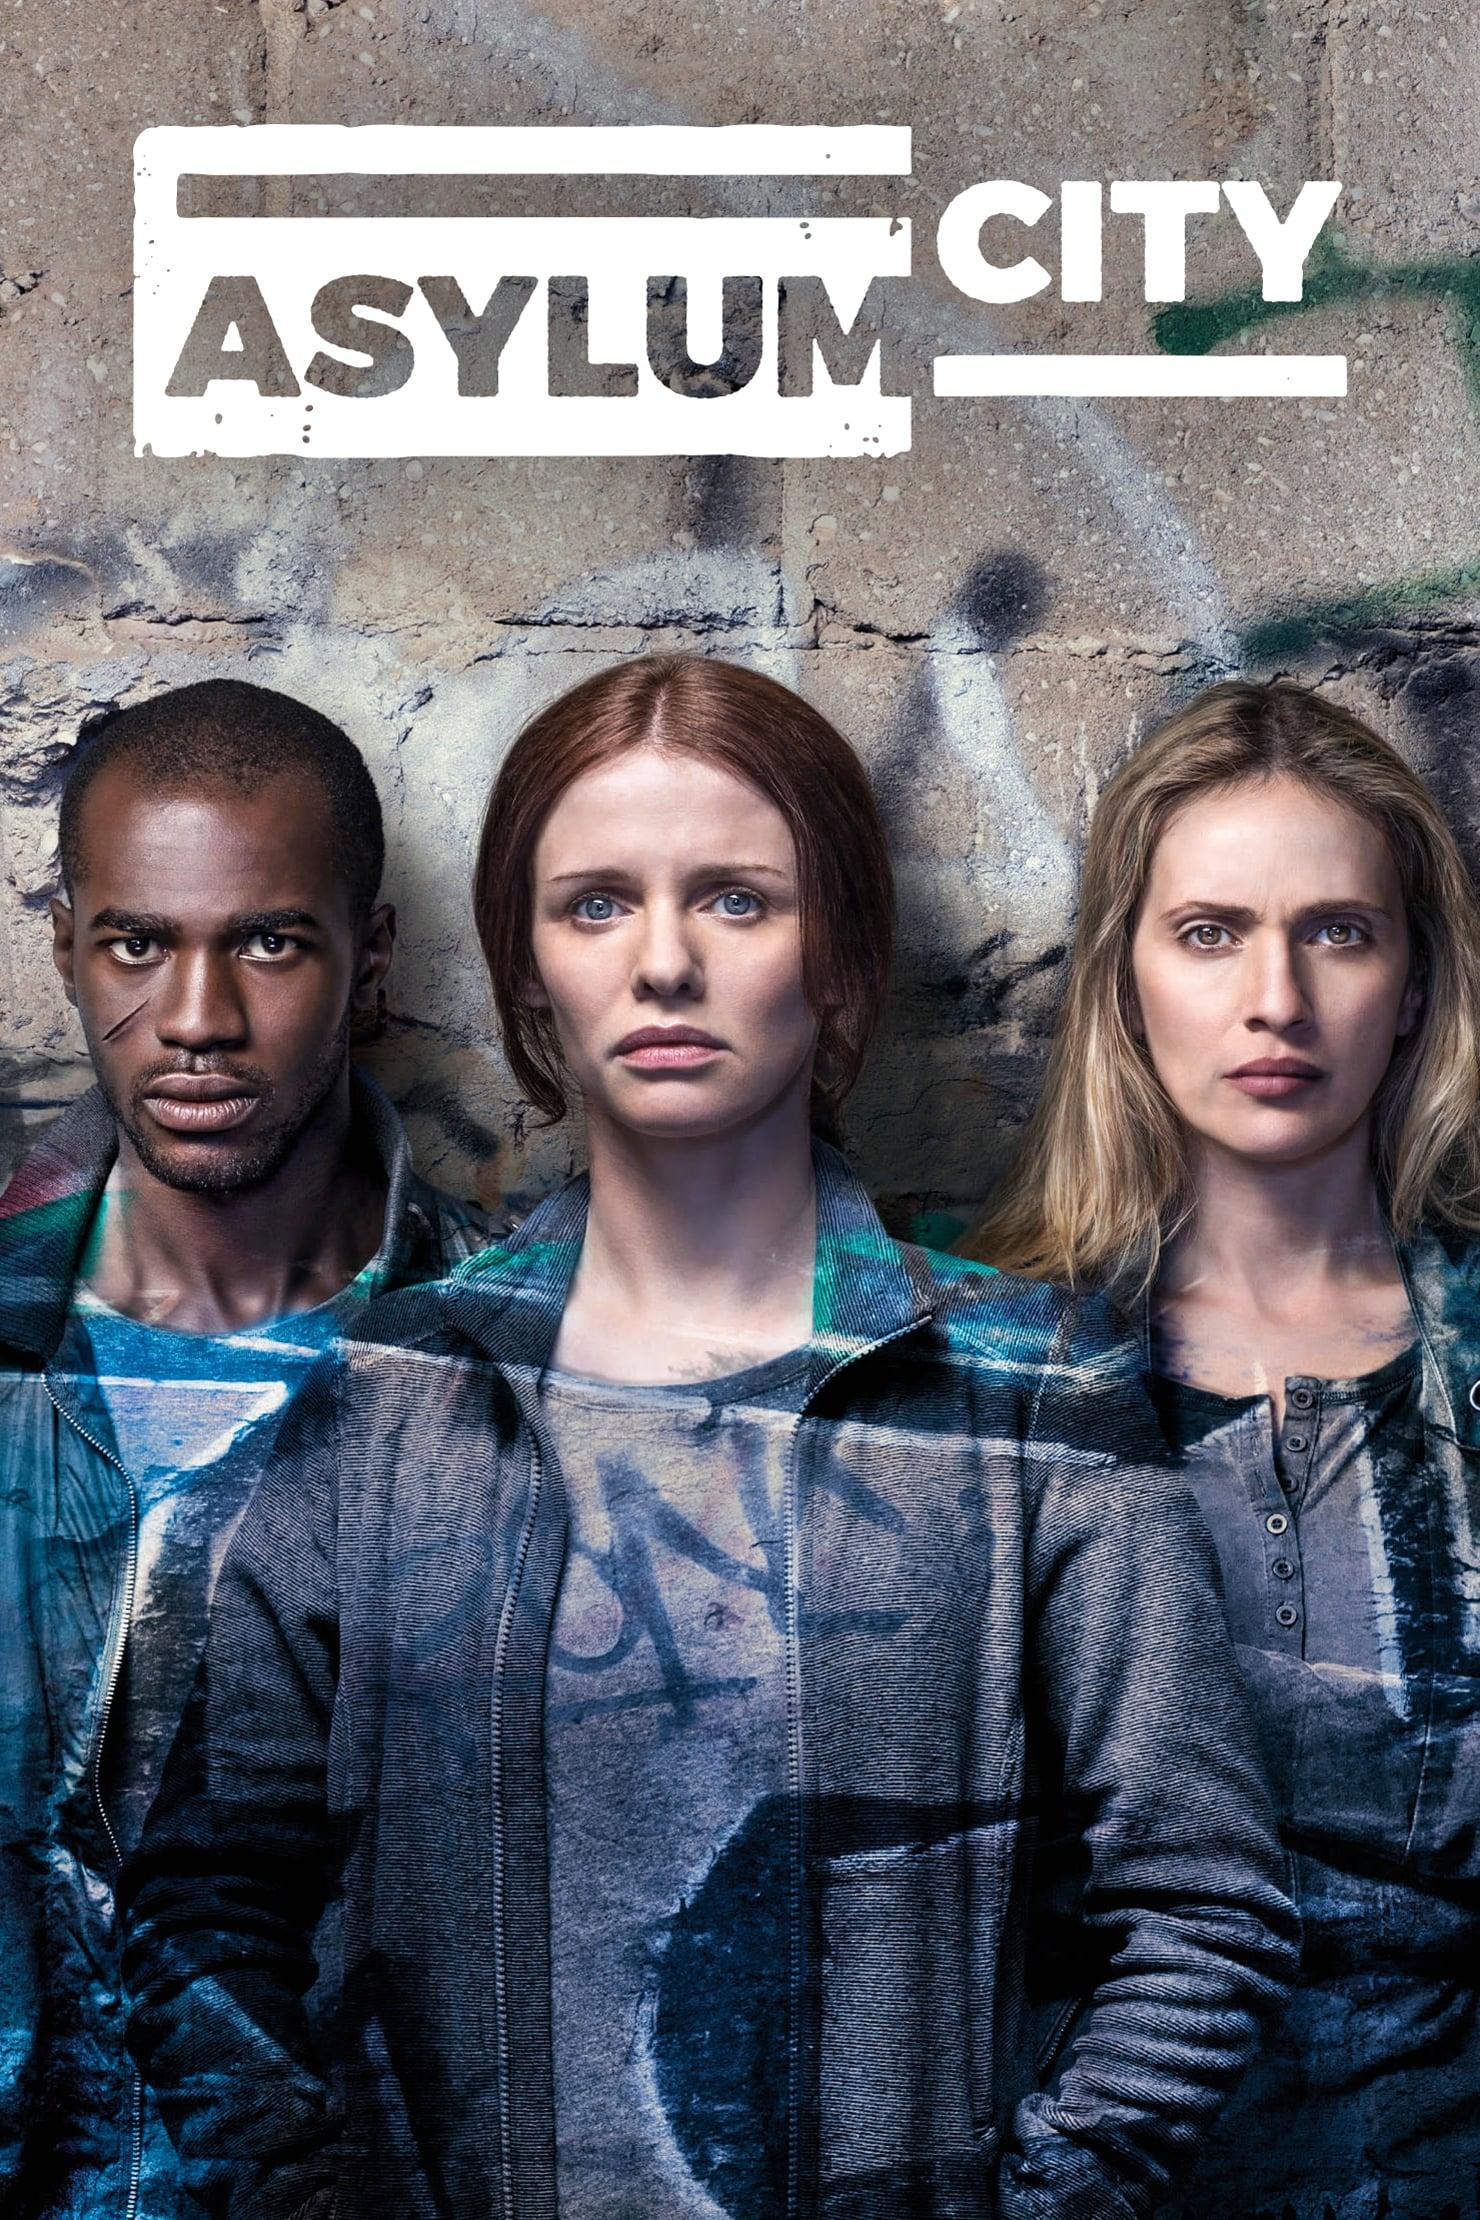 Asylum City (2018)